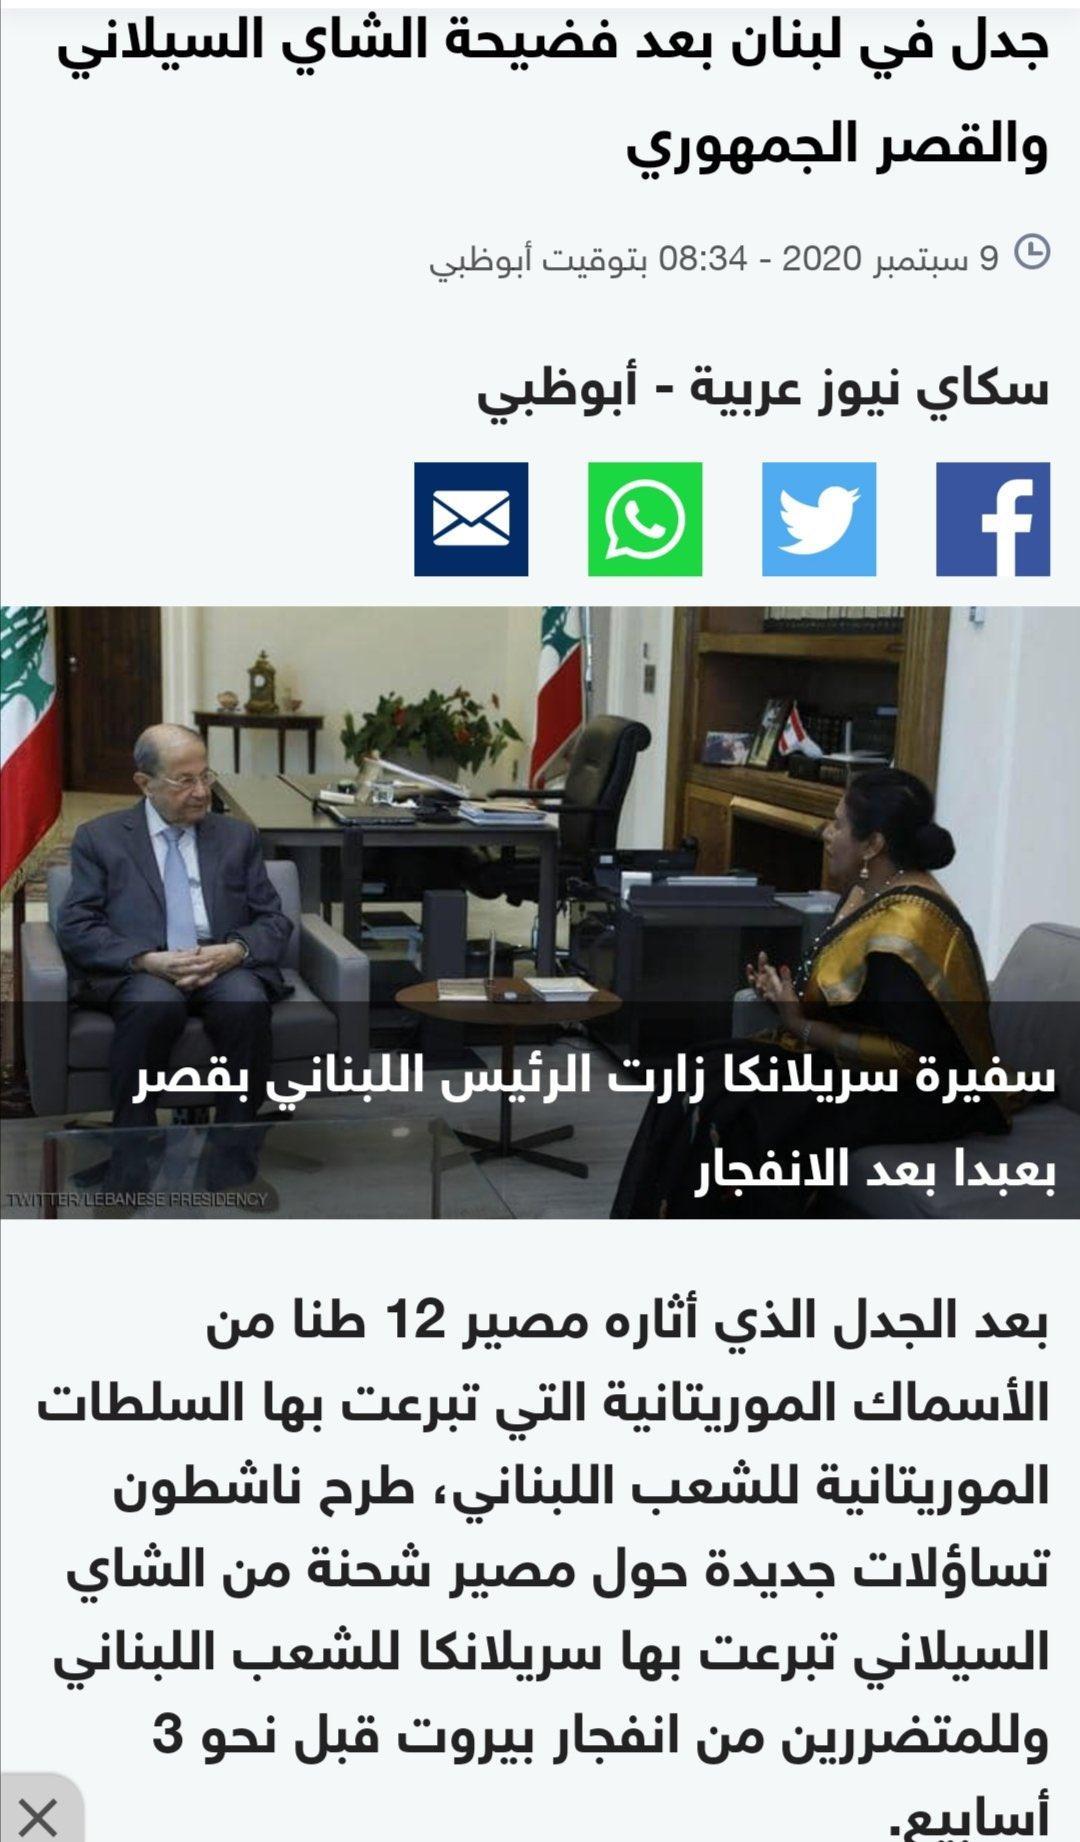 لو قالوا لي قبل 15 سنة ان لبنان بتصير كذا .. ماصدقت